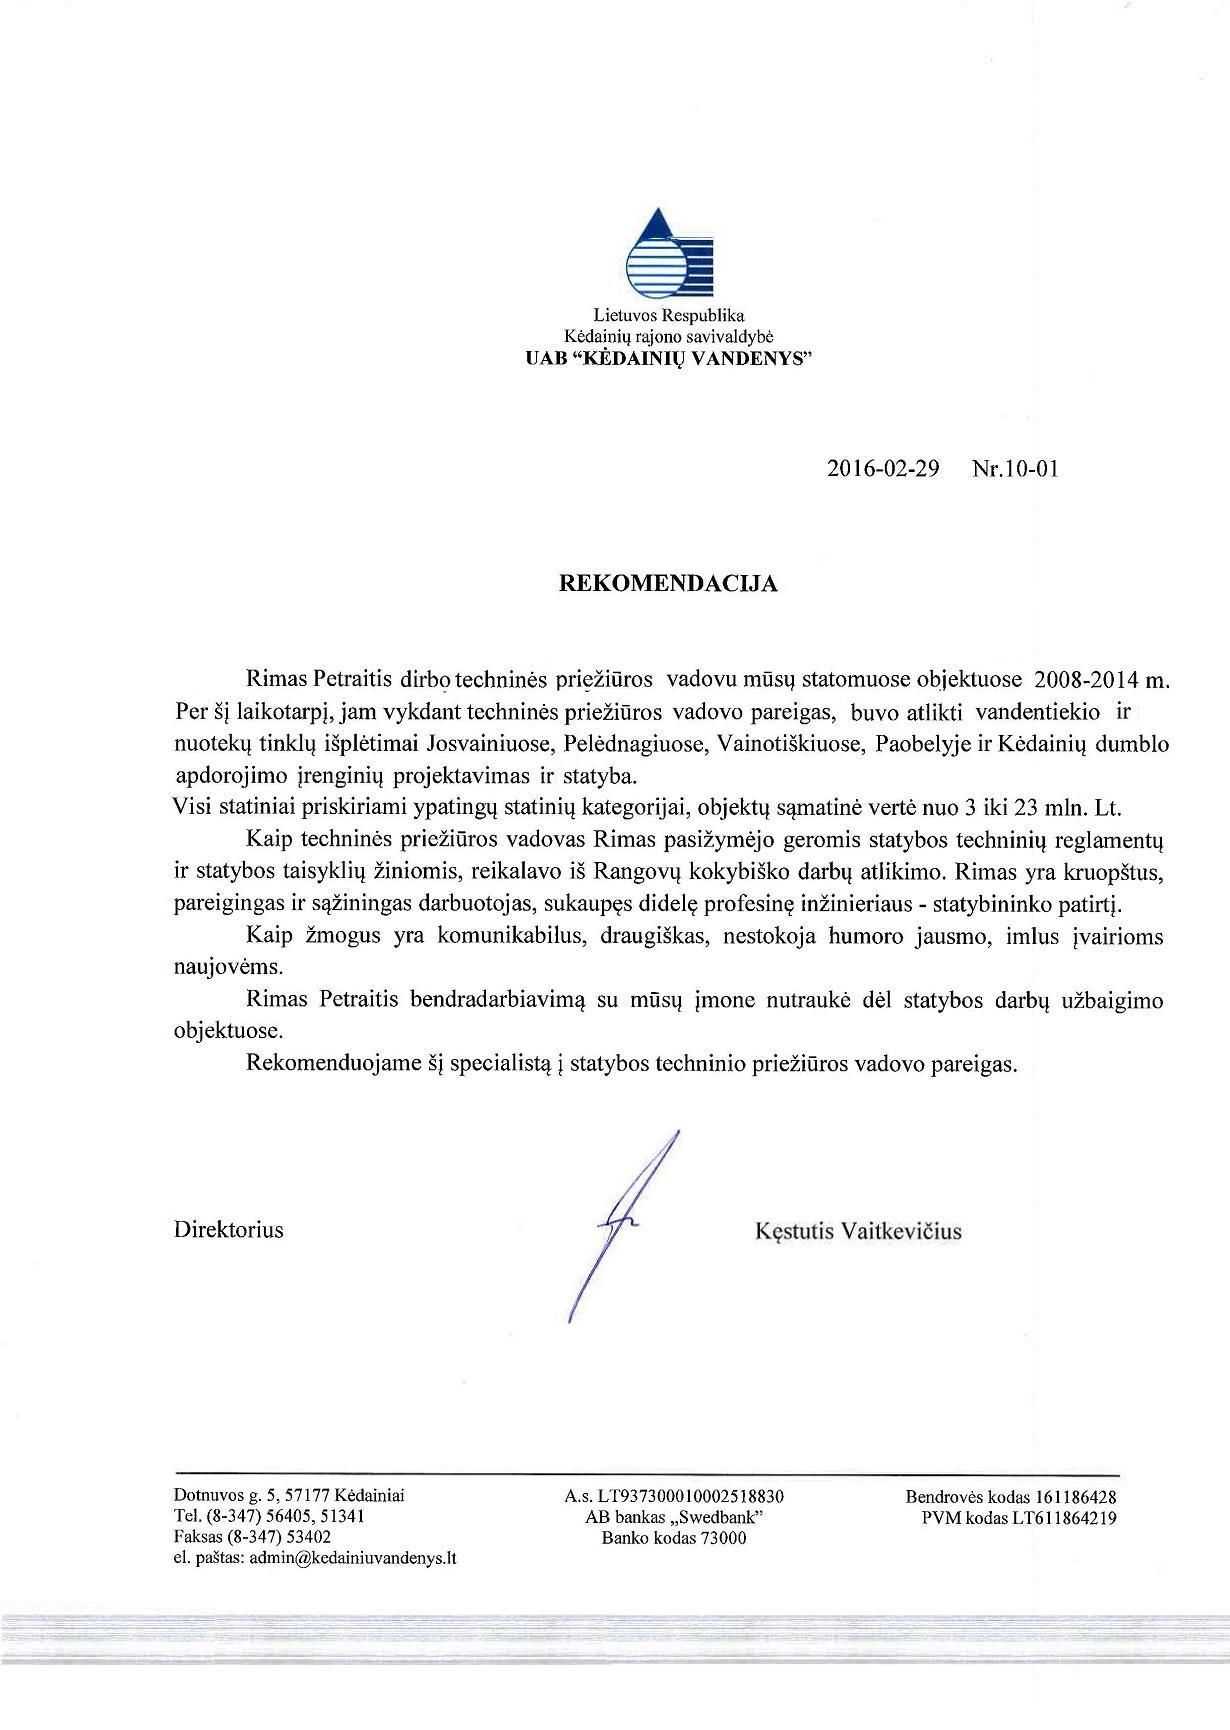 Kėdainių Vandenys UAB Rekomendacija 2016-01-30